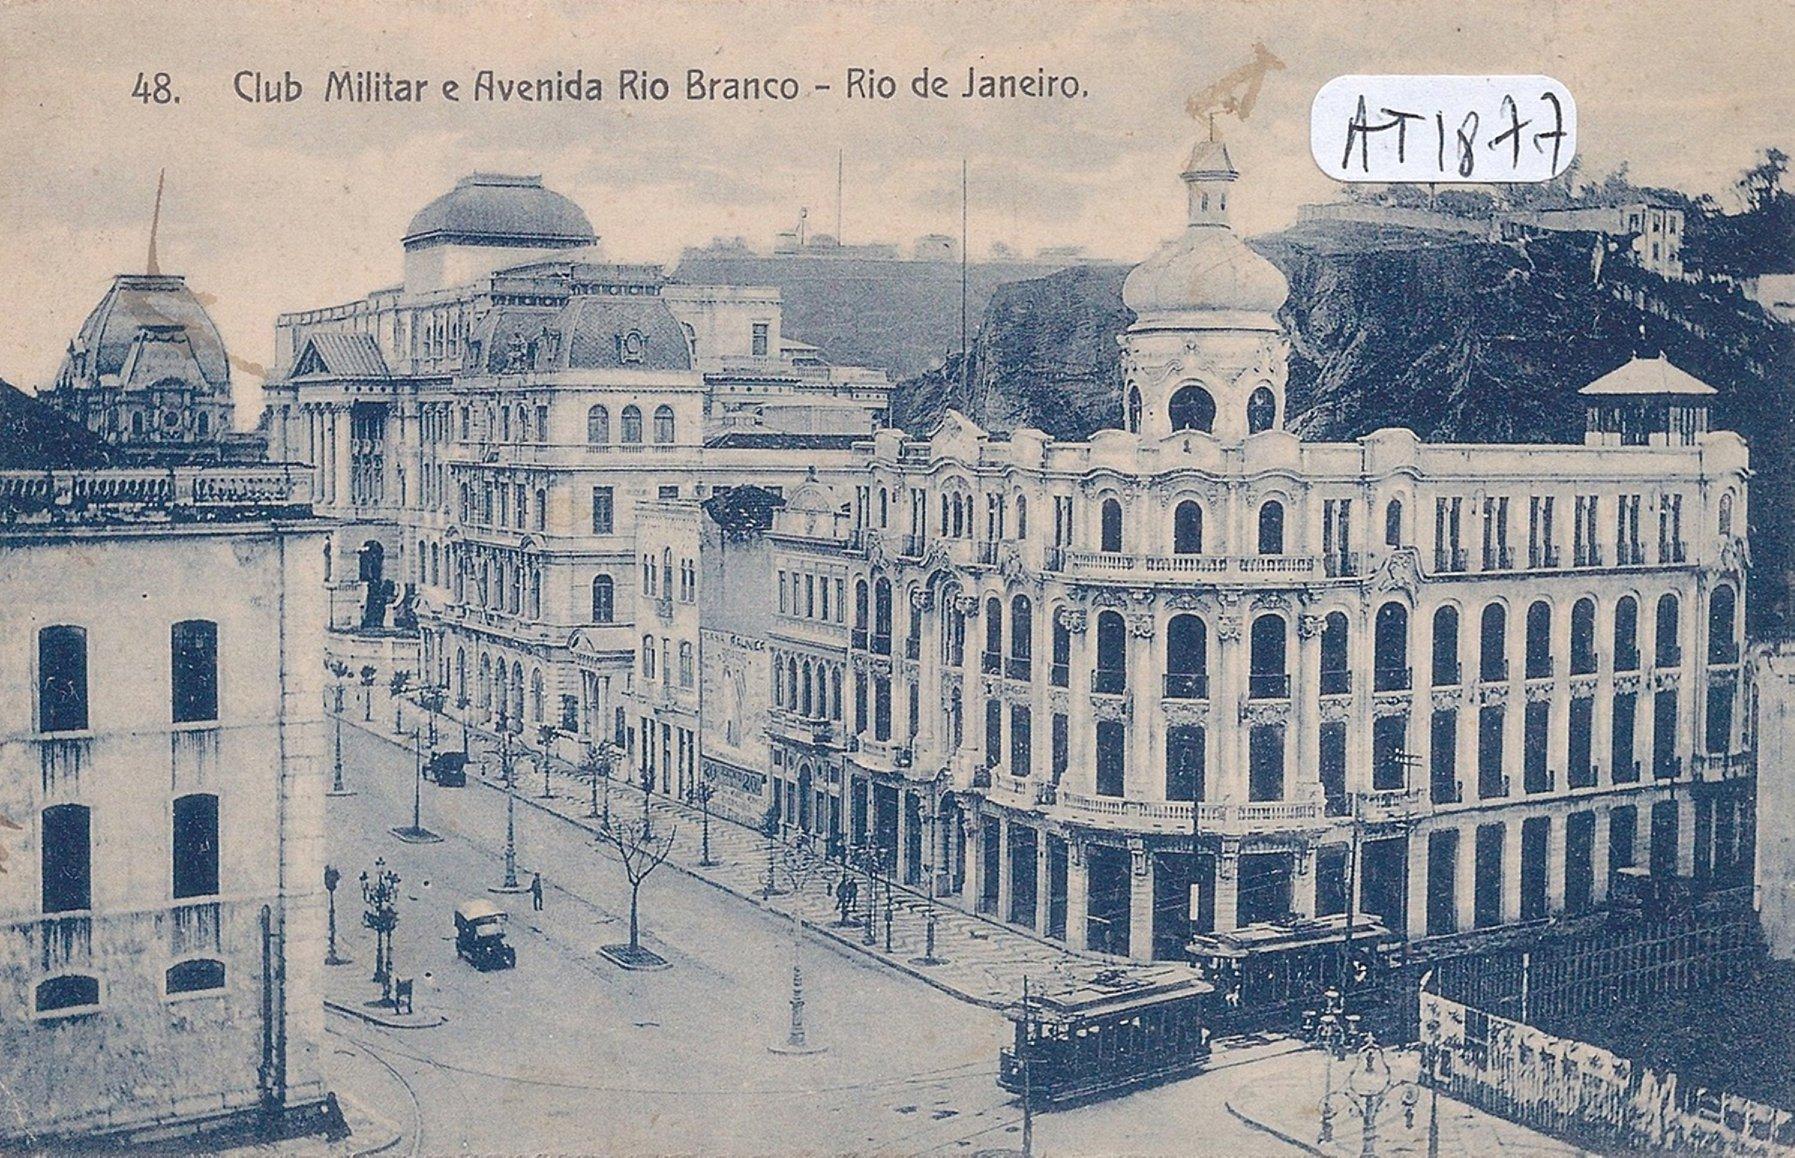 Avenida Rio Branco - 1908 - Clume Militar e Convento Dajuda